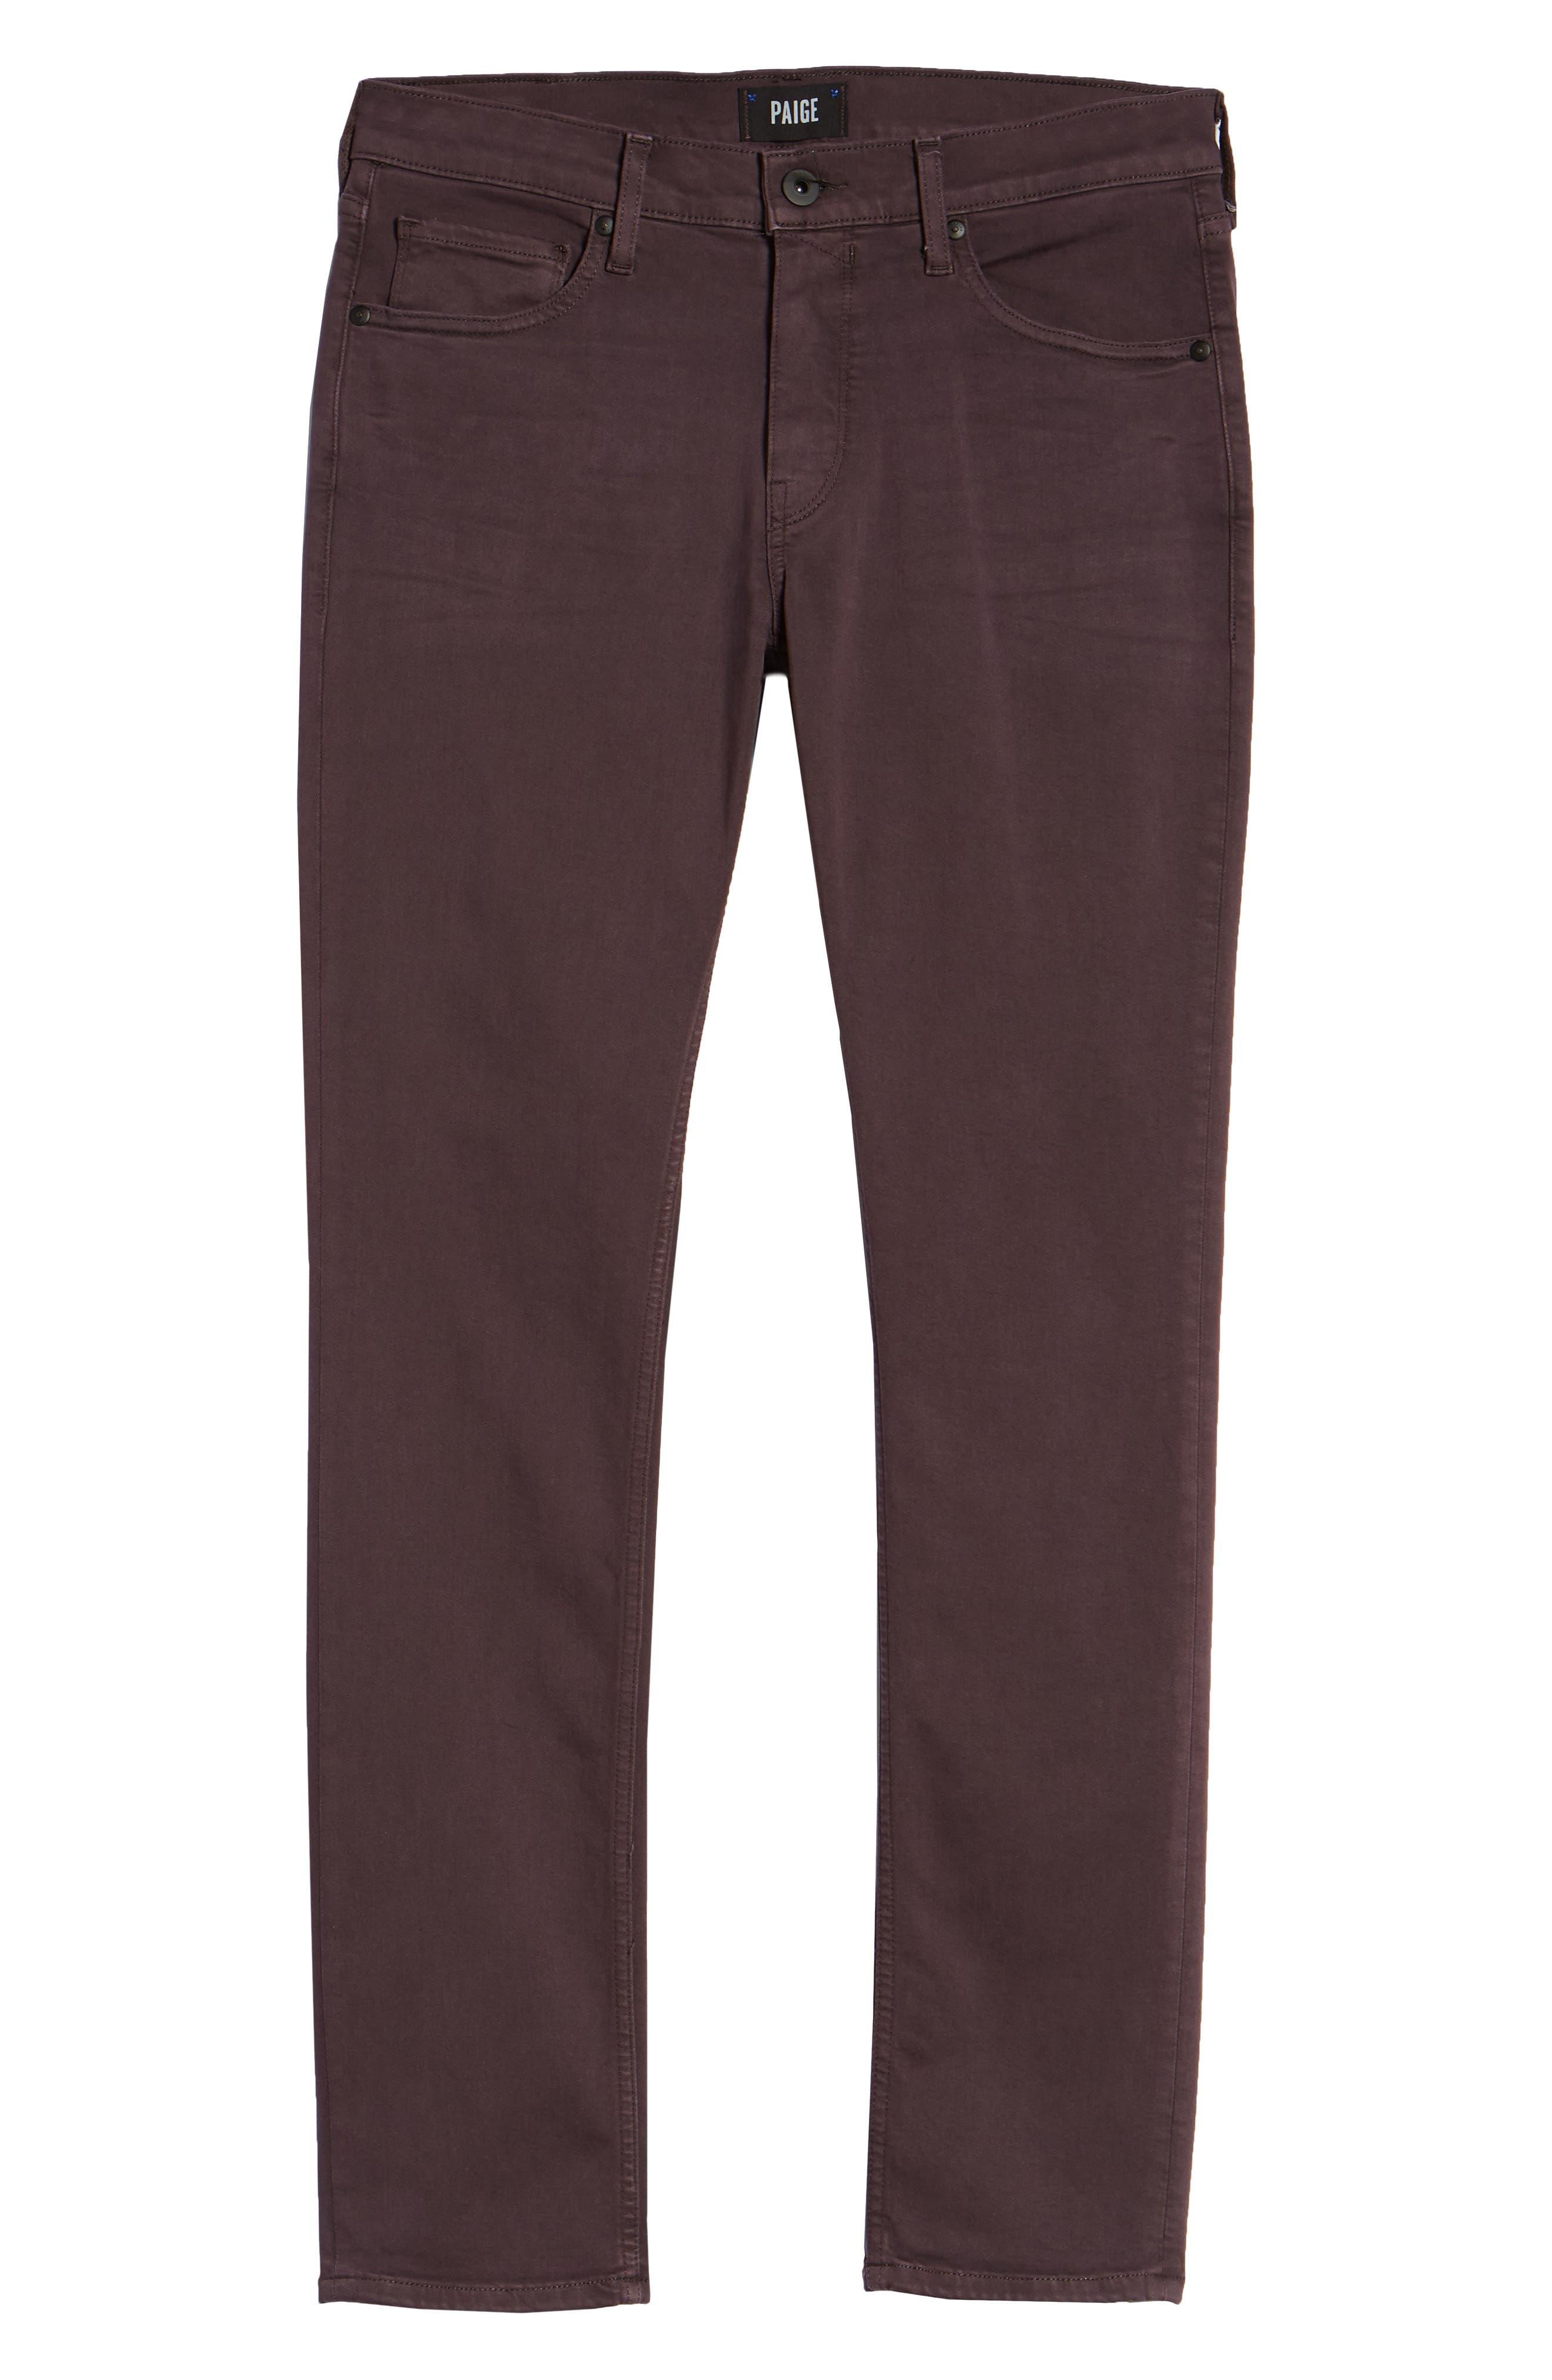 Transcend - Lennox Slim Fit Jeans,                             Alternate thumbnail 6, color,                             VINTAGE PLUM WINE